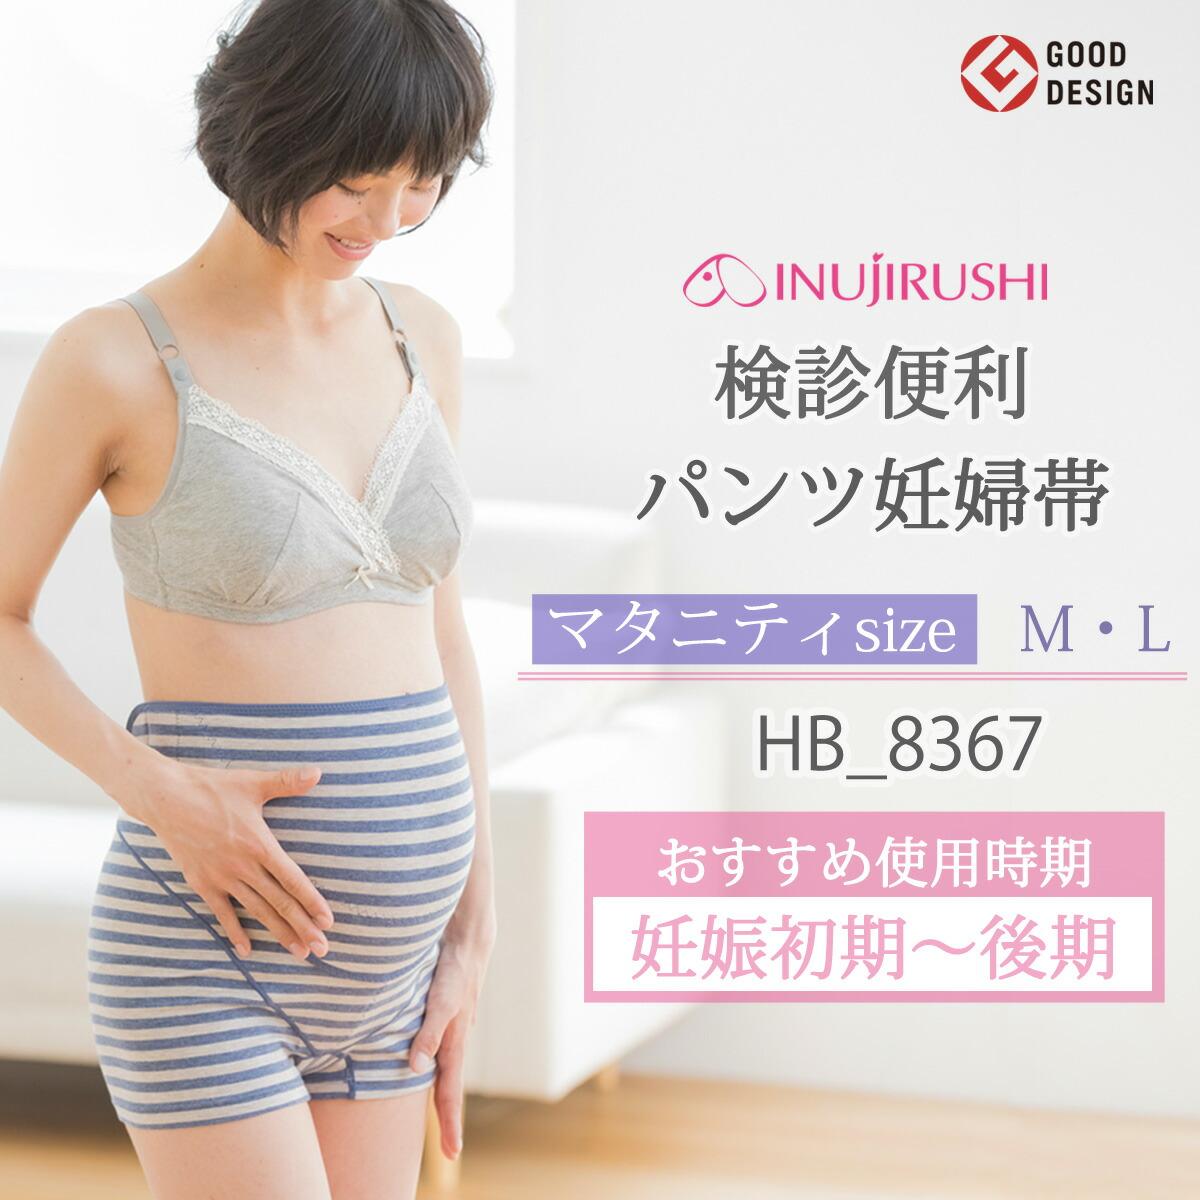 犬印本舗 妊婦帯 犬印 検診便利パンツ妊婦帯 HB-8367